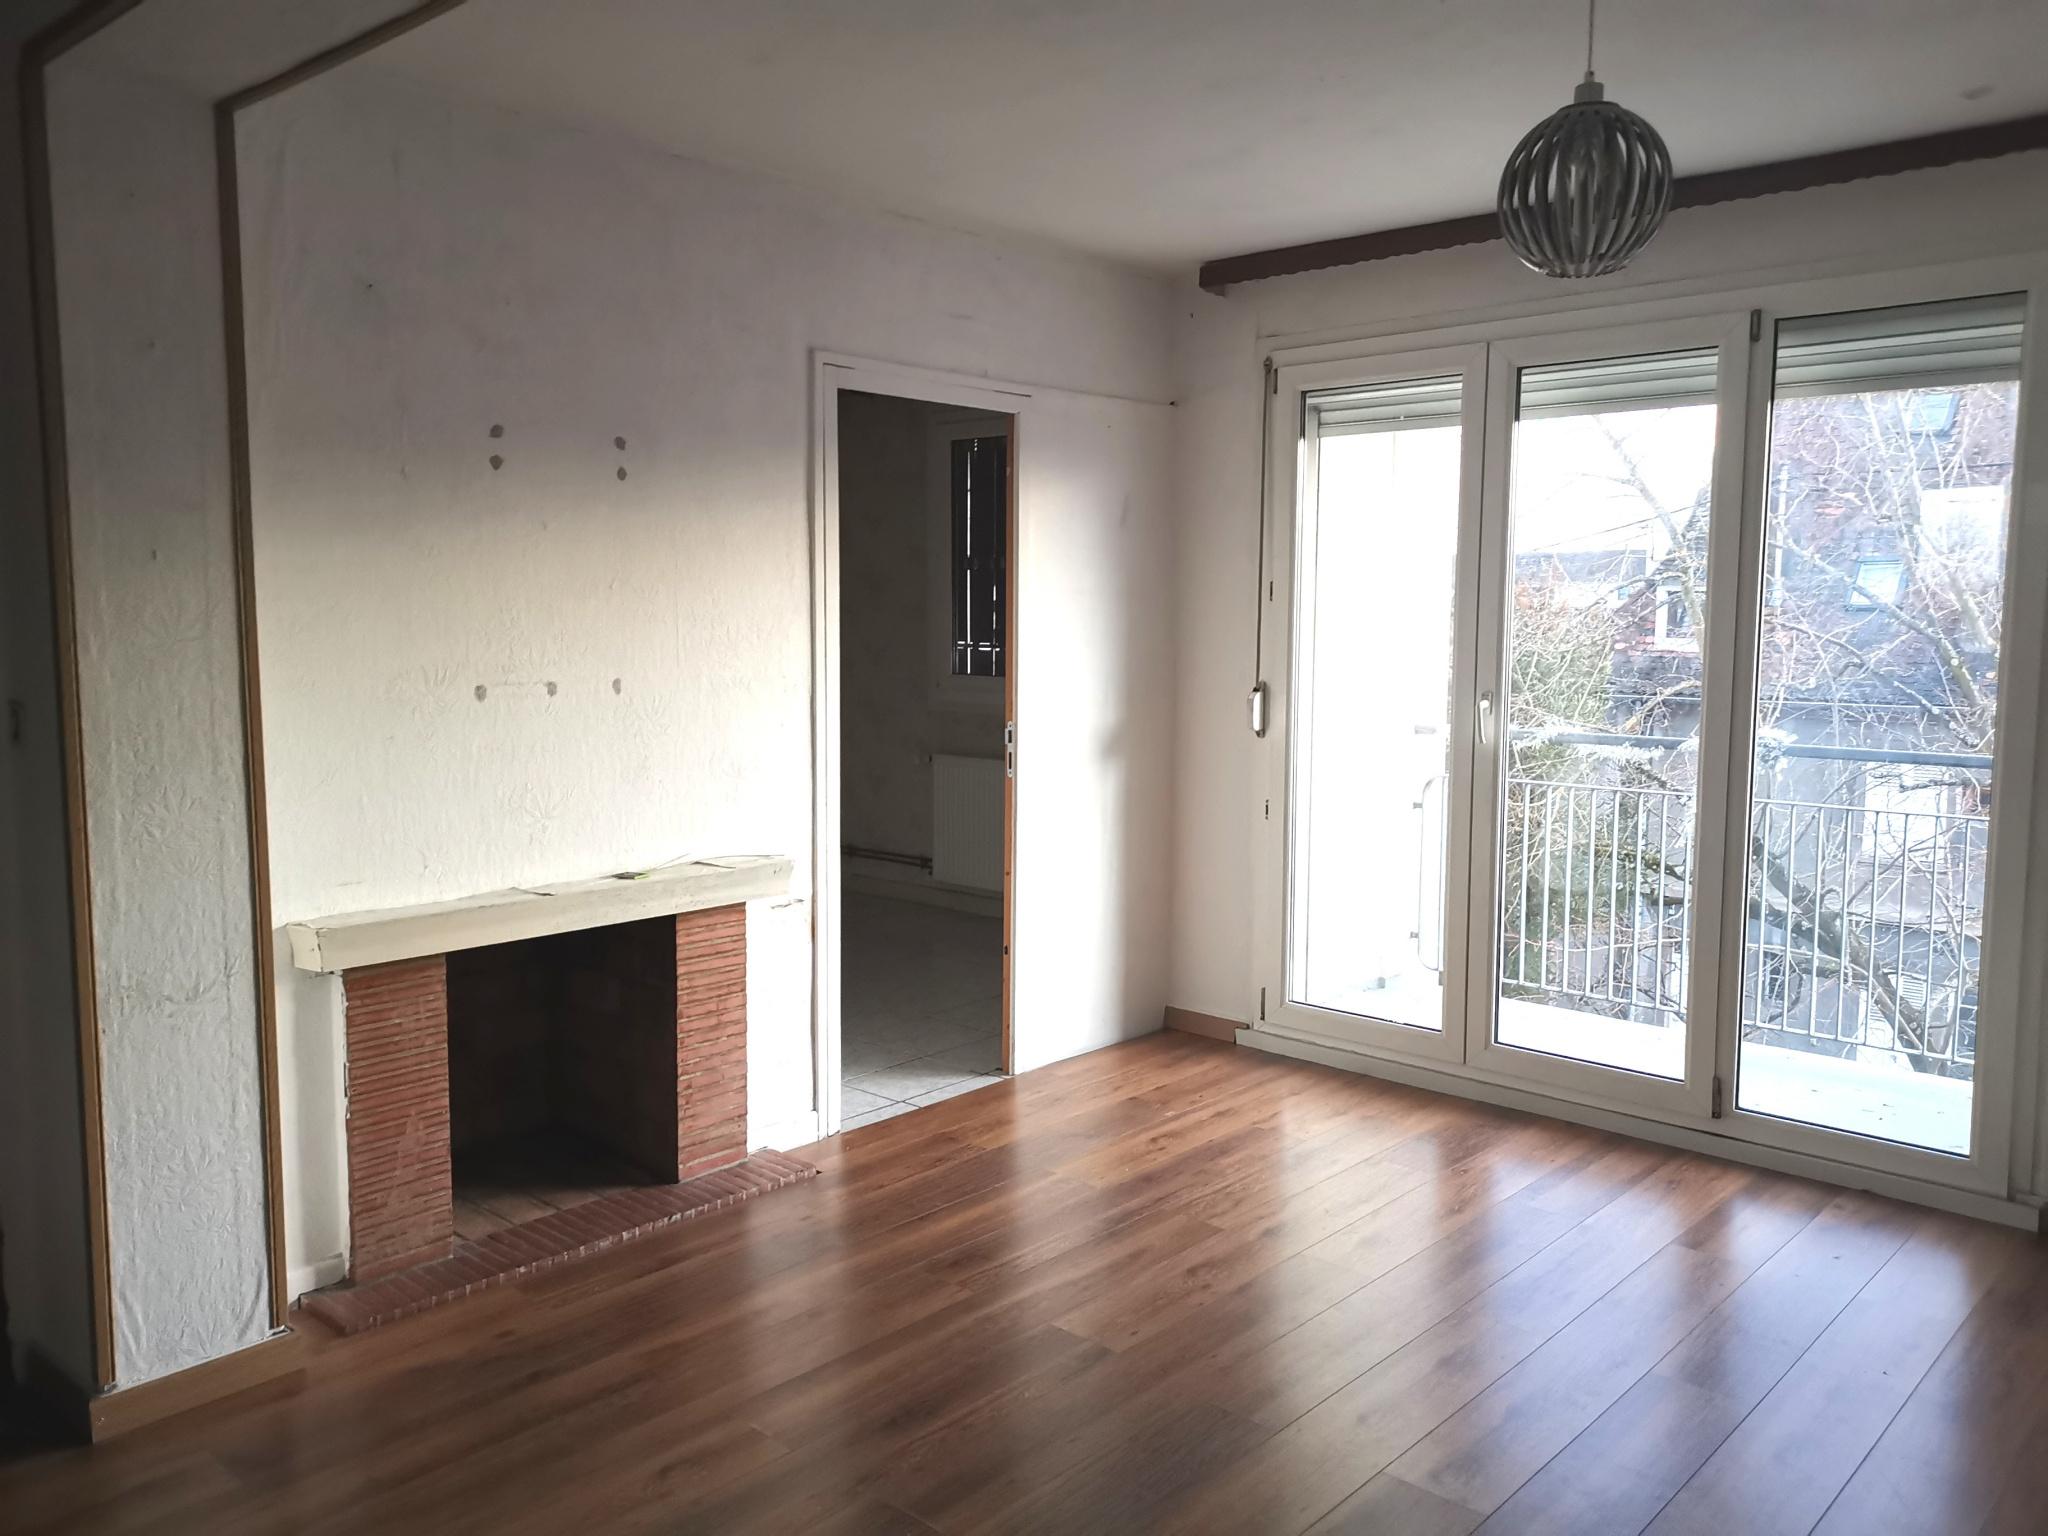 Salle De Bain Borgne appartement 4 pièces 75m²